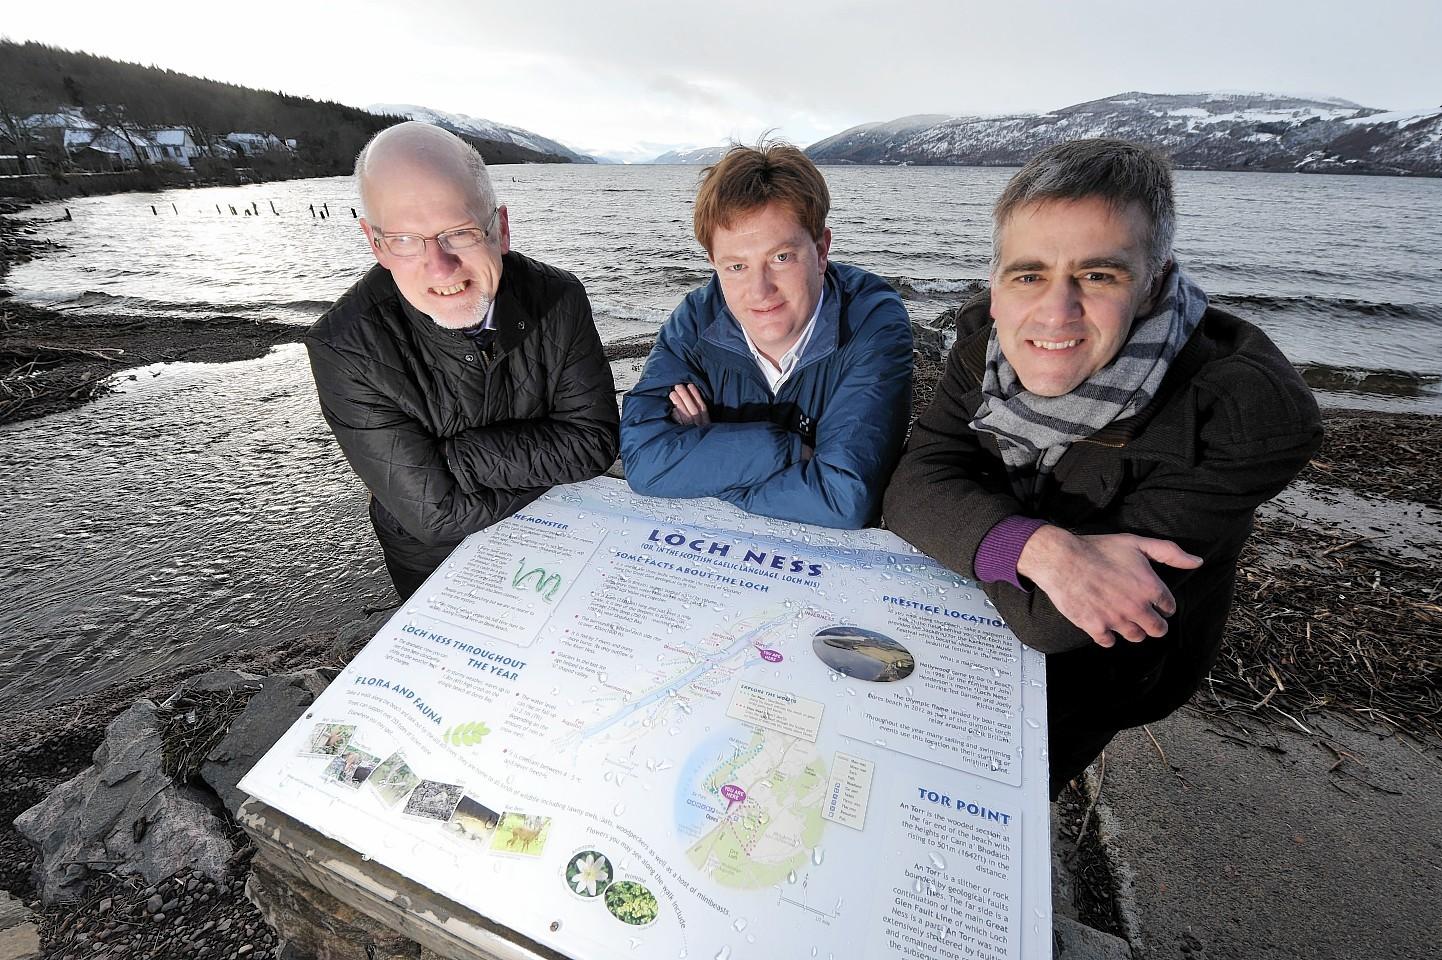 Danny Alexander at Loch Ness